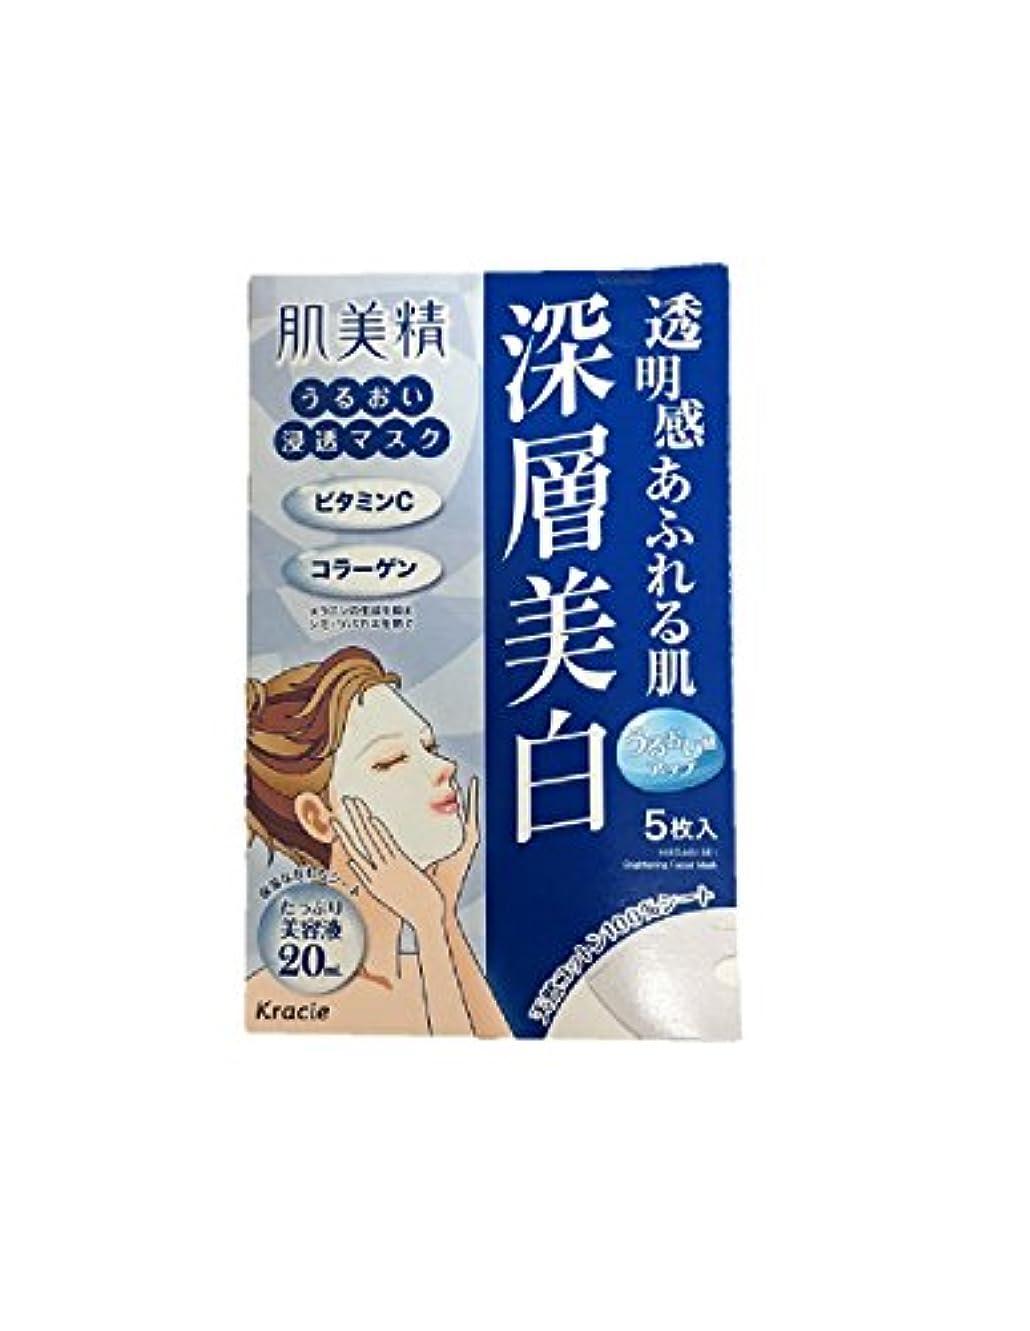 凝視忠実にはず【セット】 クラシエホームプロダクツ 肌美精 うるおい浸透マスク (深層美白) 5枚入 (美容液20mL/1枚) 5個セット